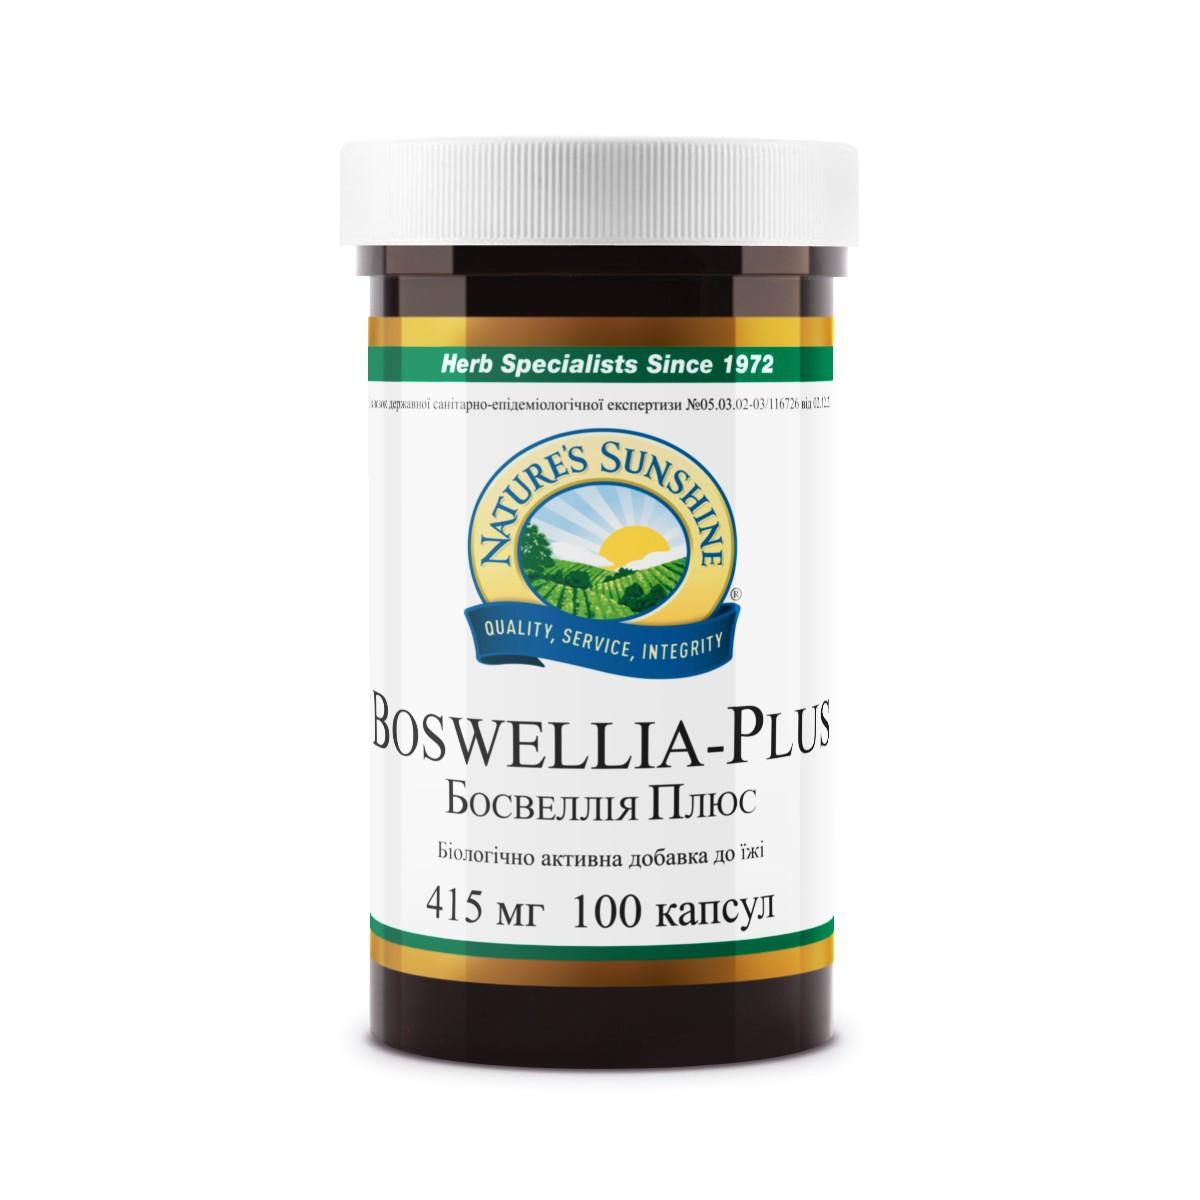 Boswellia Plus Босвеллия Плюс, НСП, США. Для сосудов, суставов и костей. Уменьшает болевой синдром.